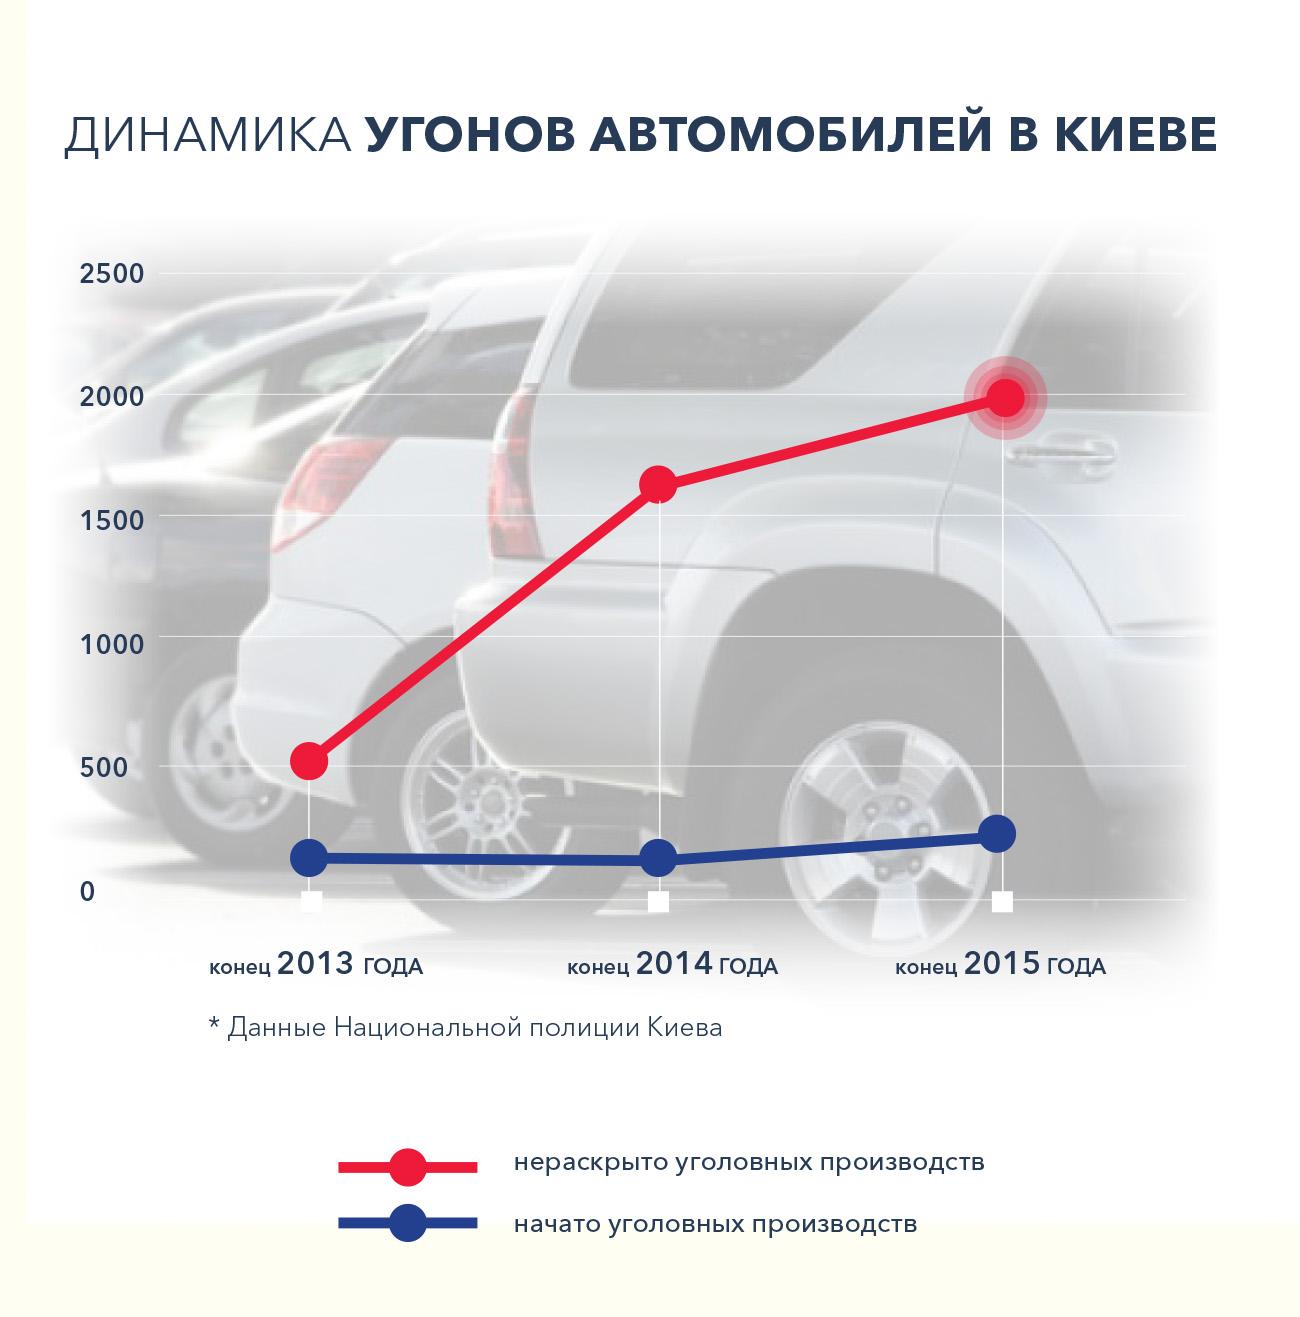 Шокирующая статистика угонов и как защитить свой автомобиль